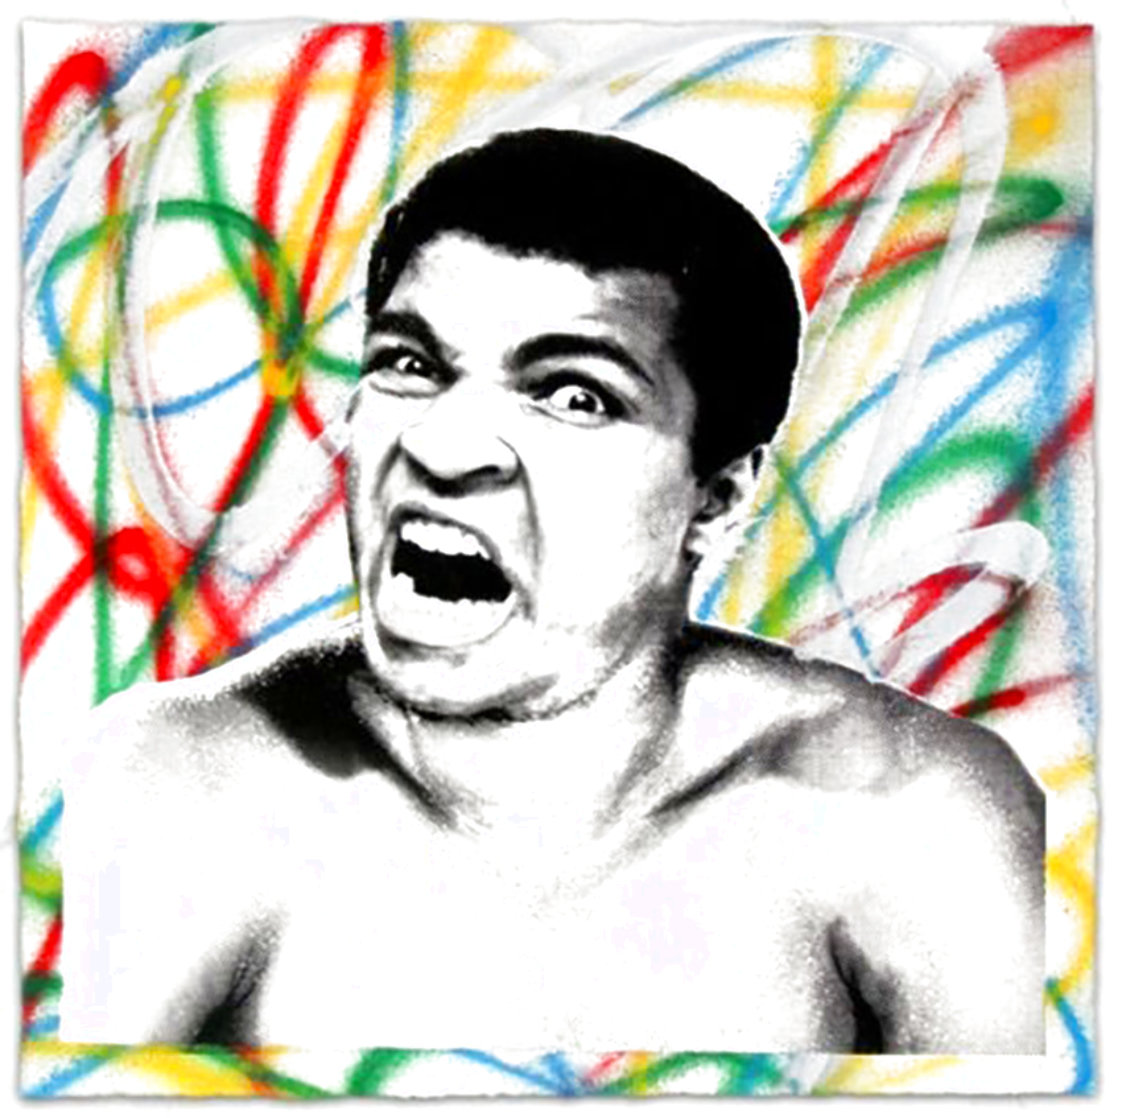 Legendary Ali 2017 Limited Edition Print by Mr. Brainwash